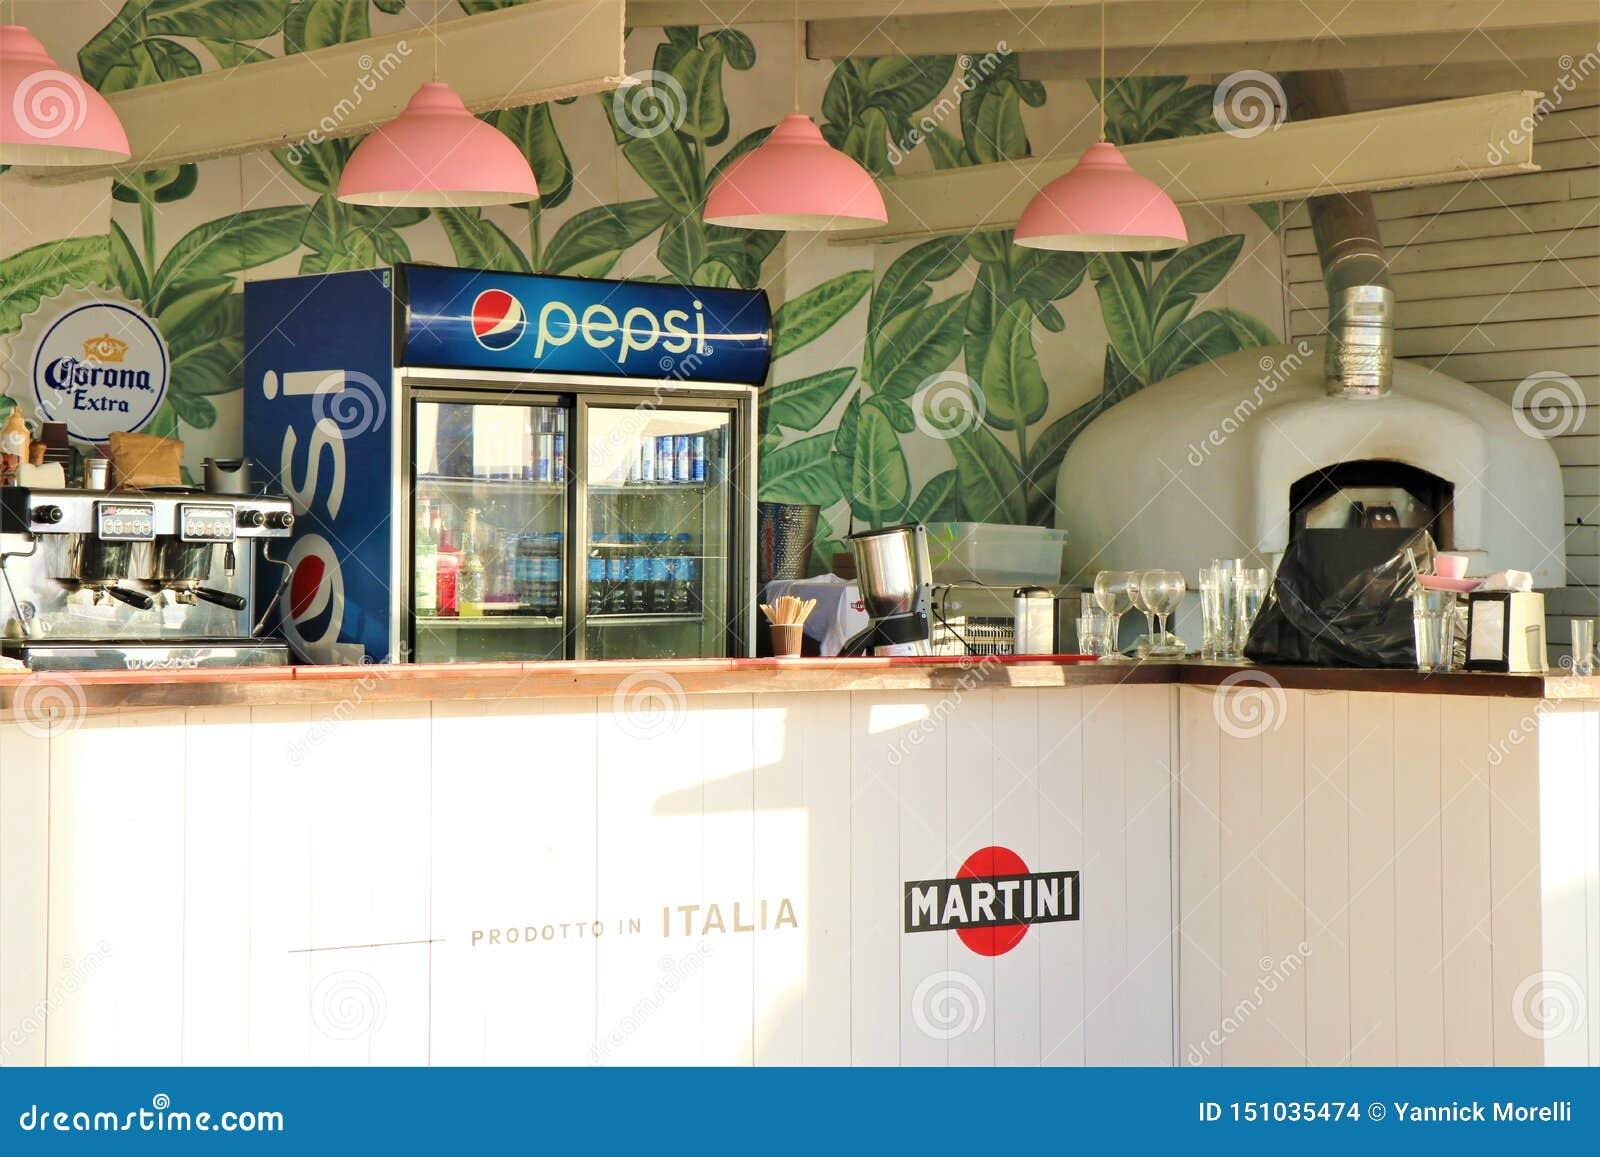 Stange im Freien mit Zähler und Pepsi-Kühlschrank